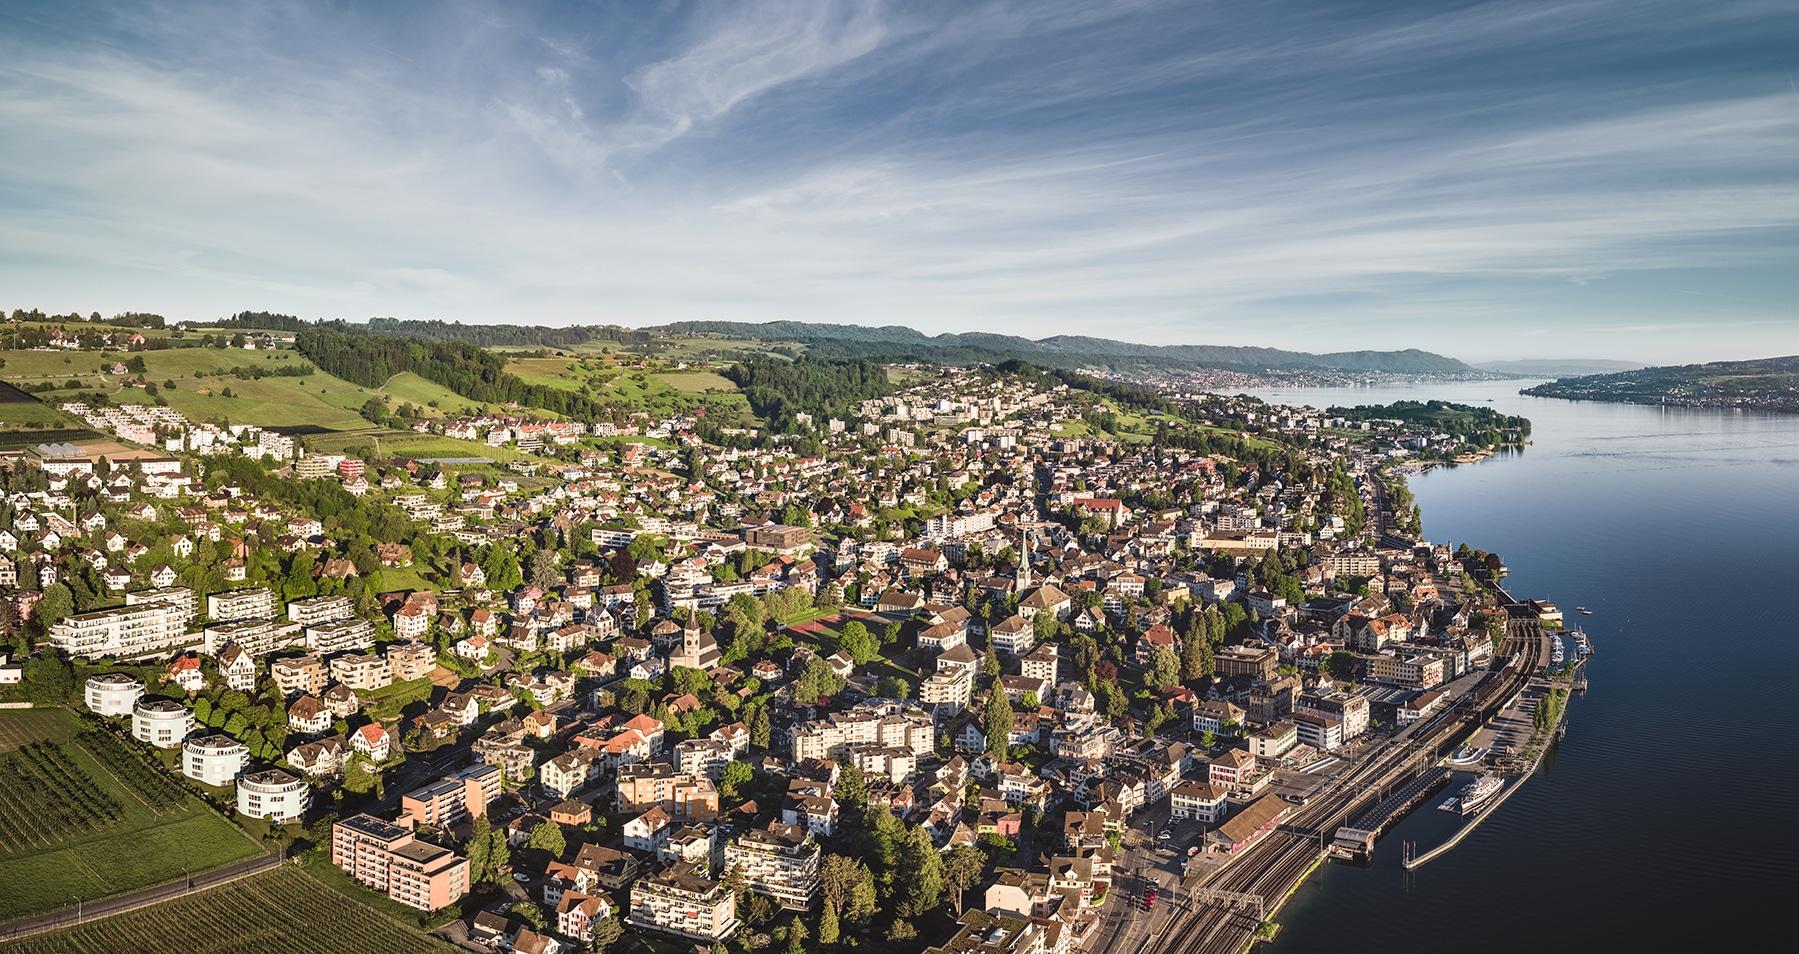 Luftaufnahme von Wädenswil Hafen, Bahnhof, Dorfkern, Schule, Halbinsel Au und den Zürichsee © by Gerry Pacher